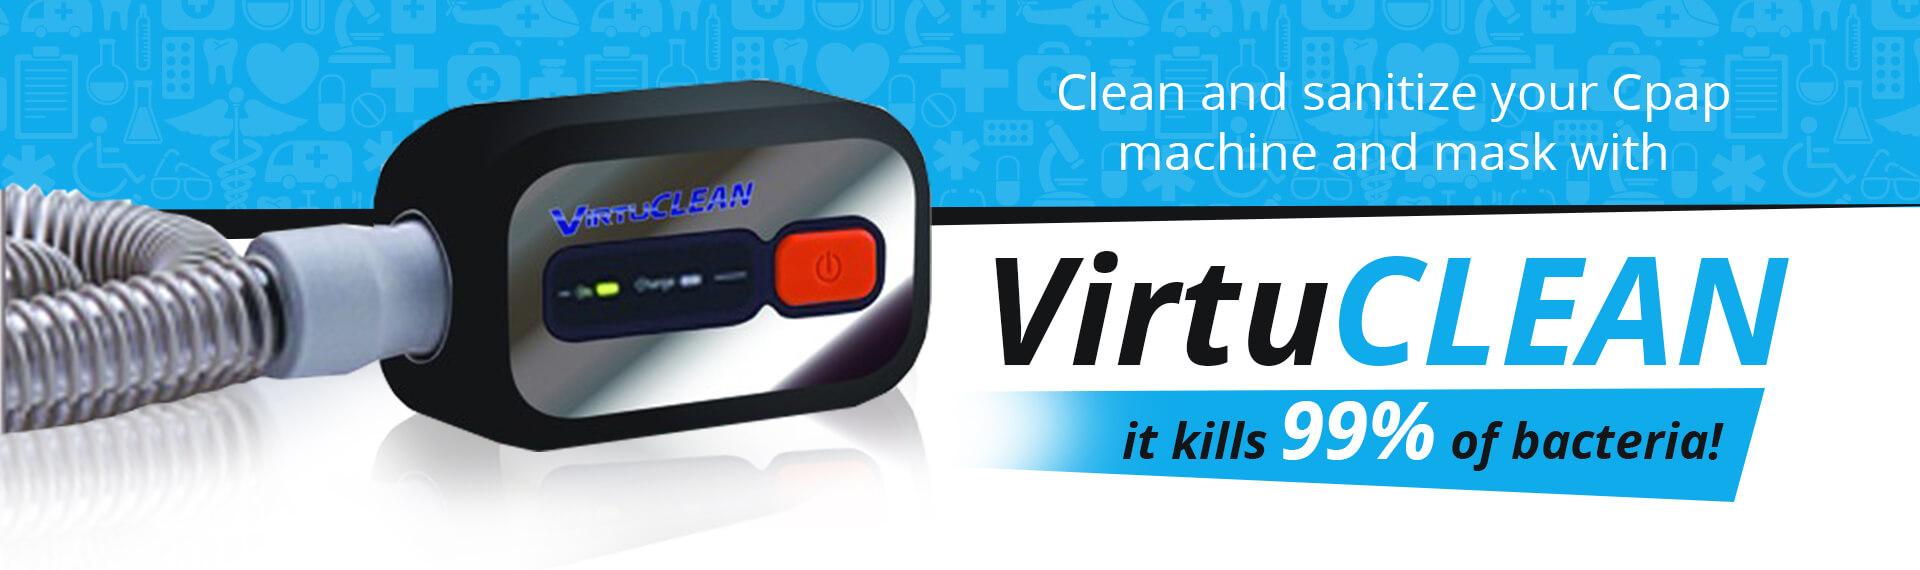 Virtu Clean – Las Vegas Medical Store